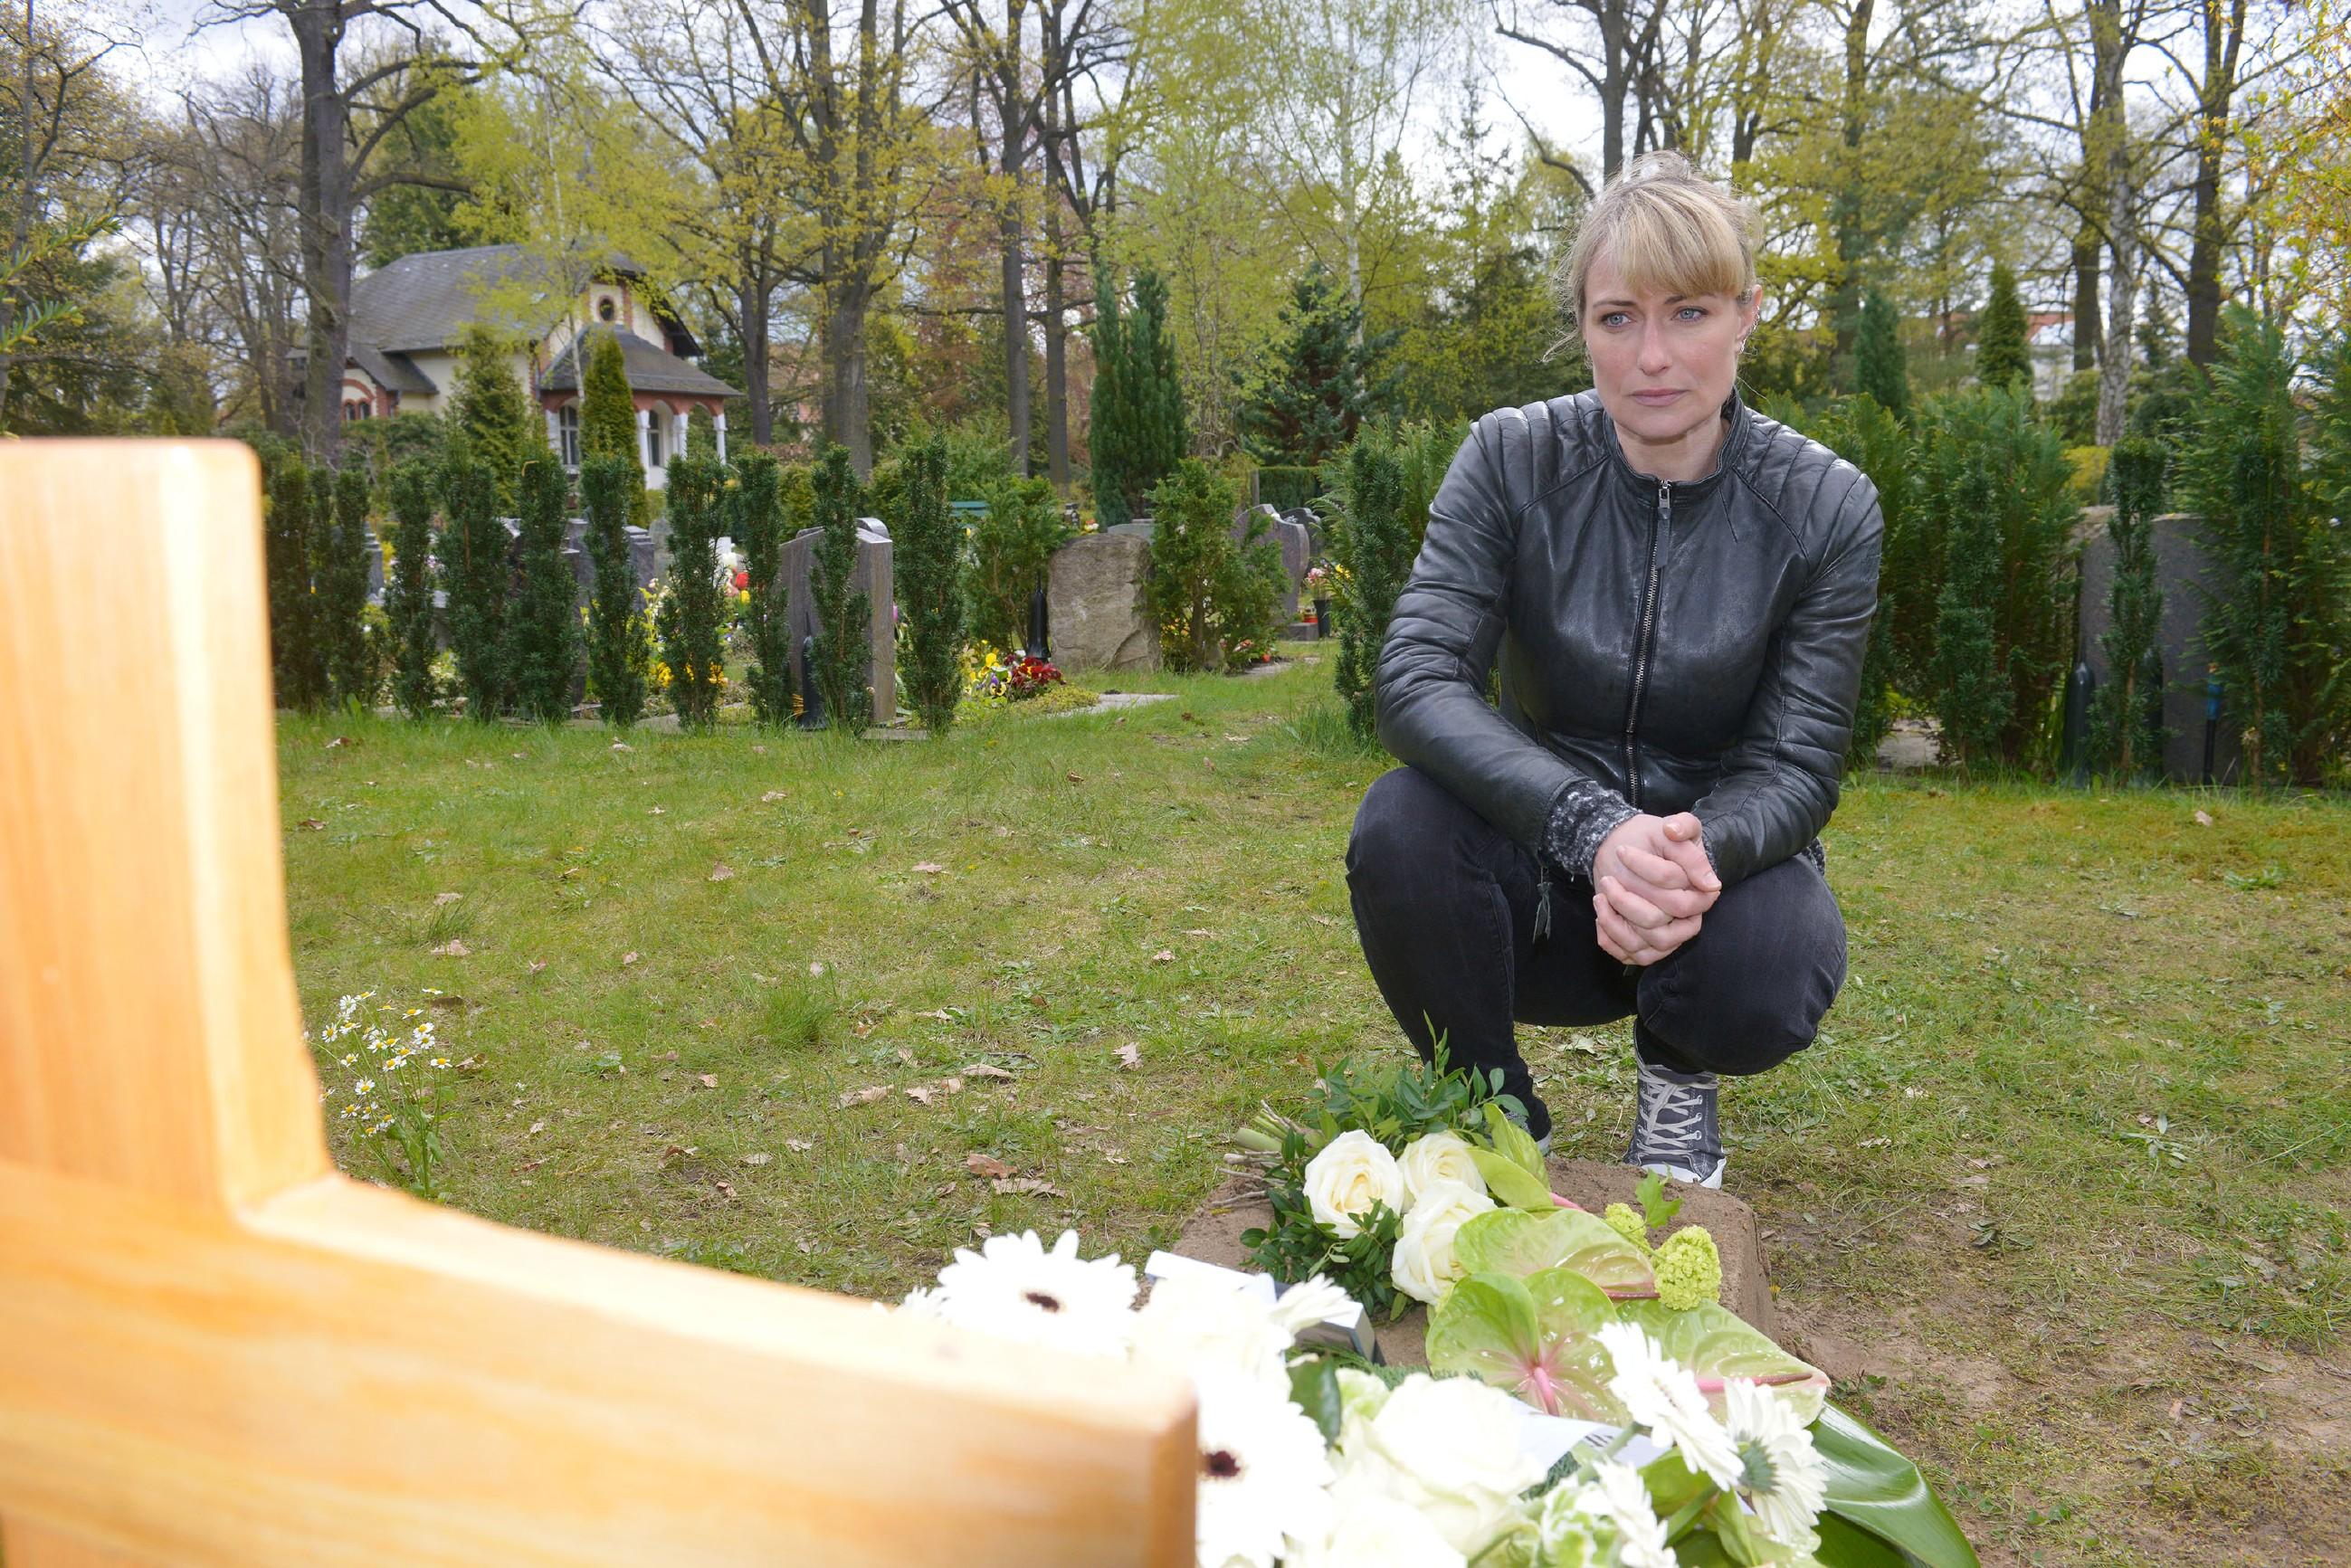 In einem emotionalen Besuch an Frederics Grab schließt Maren (Eva Mona Rodekirchen) ihren Frieden mit der Schuld... (Quelle: RTL / Rolf Baumgartner)